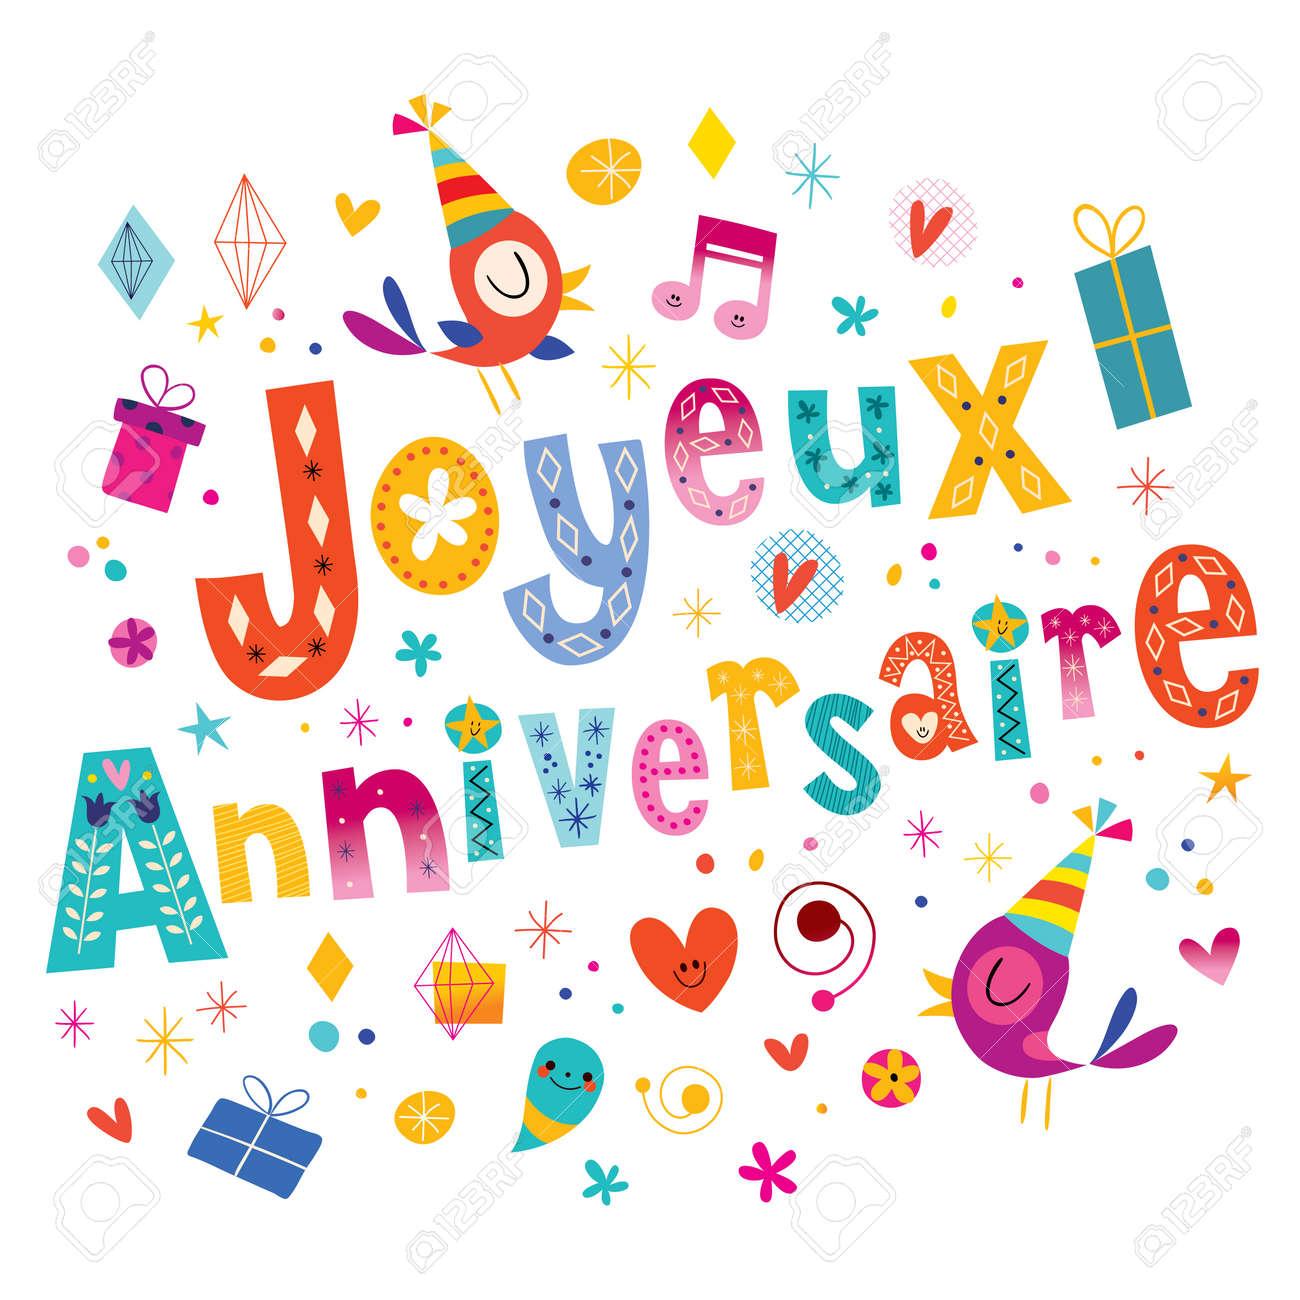 Franzoesisch Alles Gute Zum Geburtstag